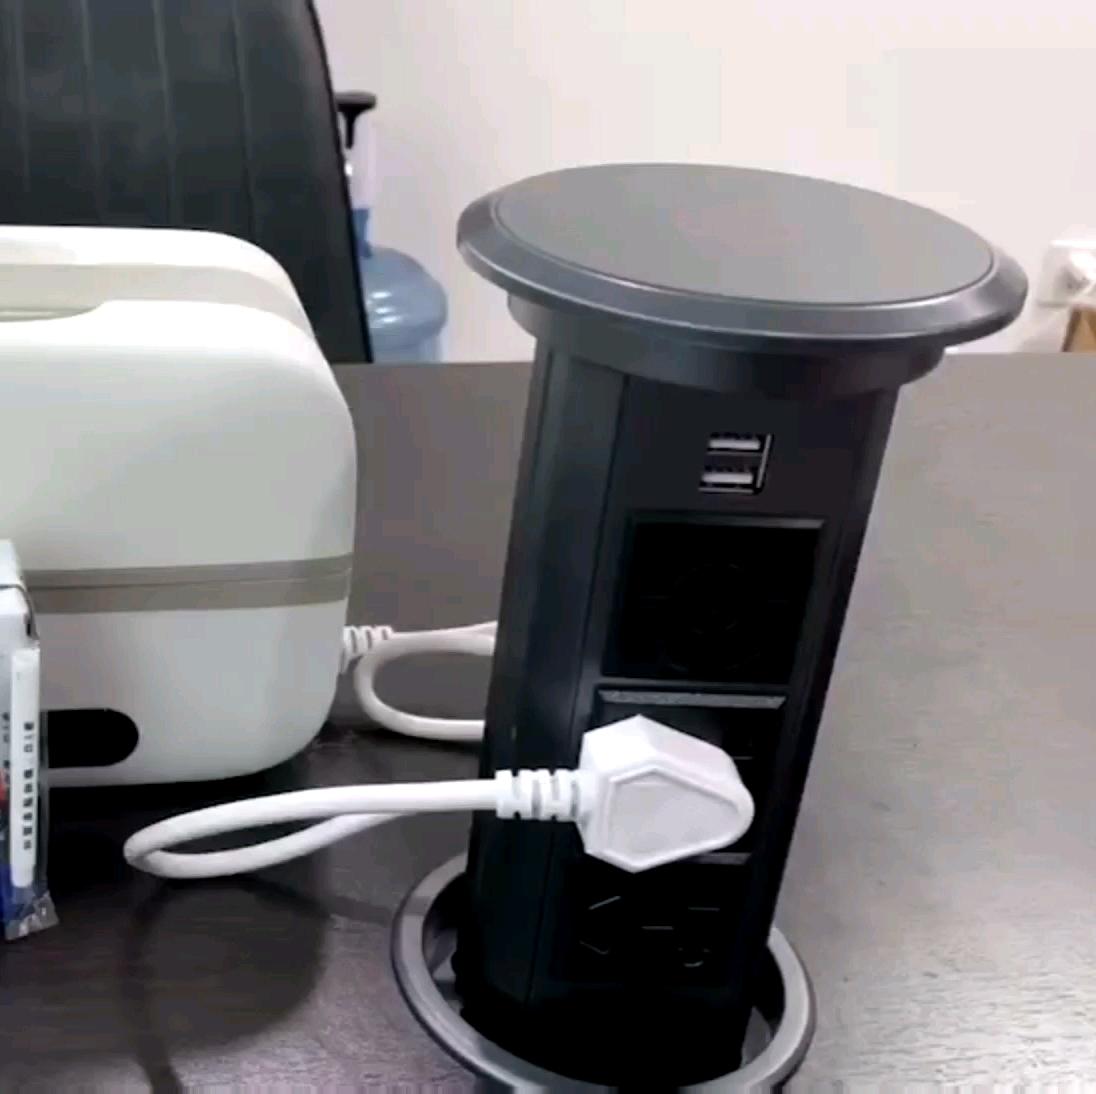 छिपा टेबल motorised खड़ी पॉप अप डेस्क प्लग सॉकेट